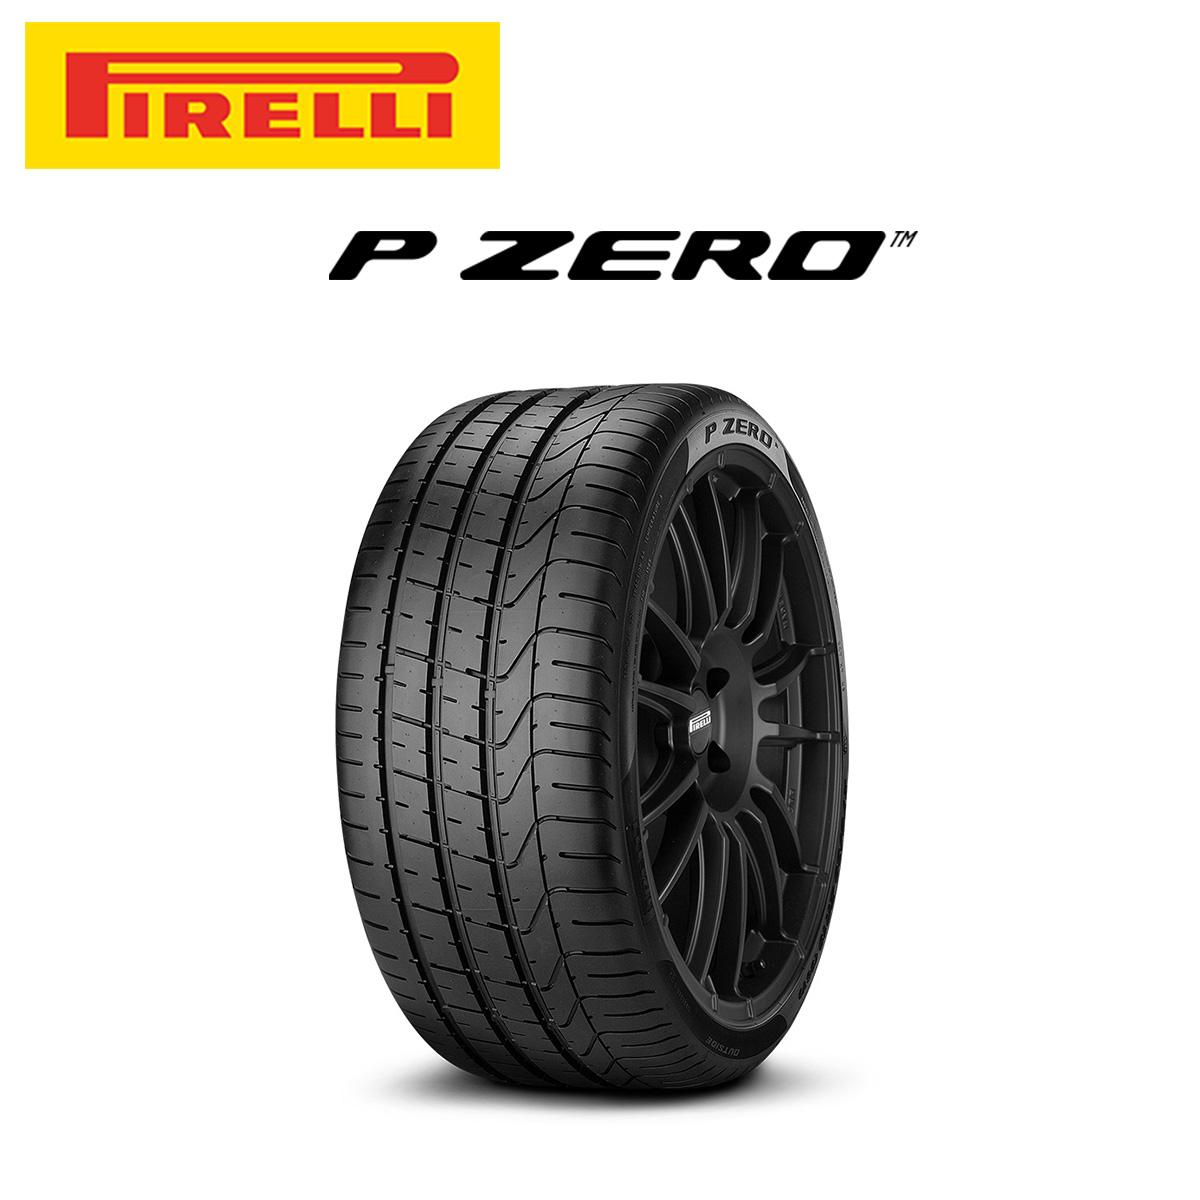 ピレリ PIRELLI P ZERO ピーゼロ 21インチ サマー タイヤ 4本 セット 275/35ZR21 103Y XL BL:ベントレー承認タイヤ 2370900